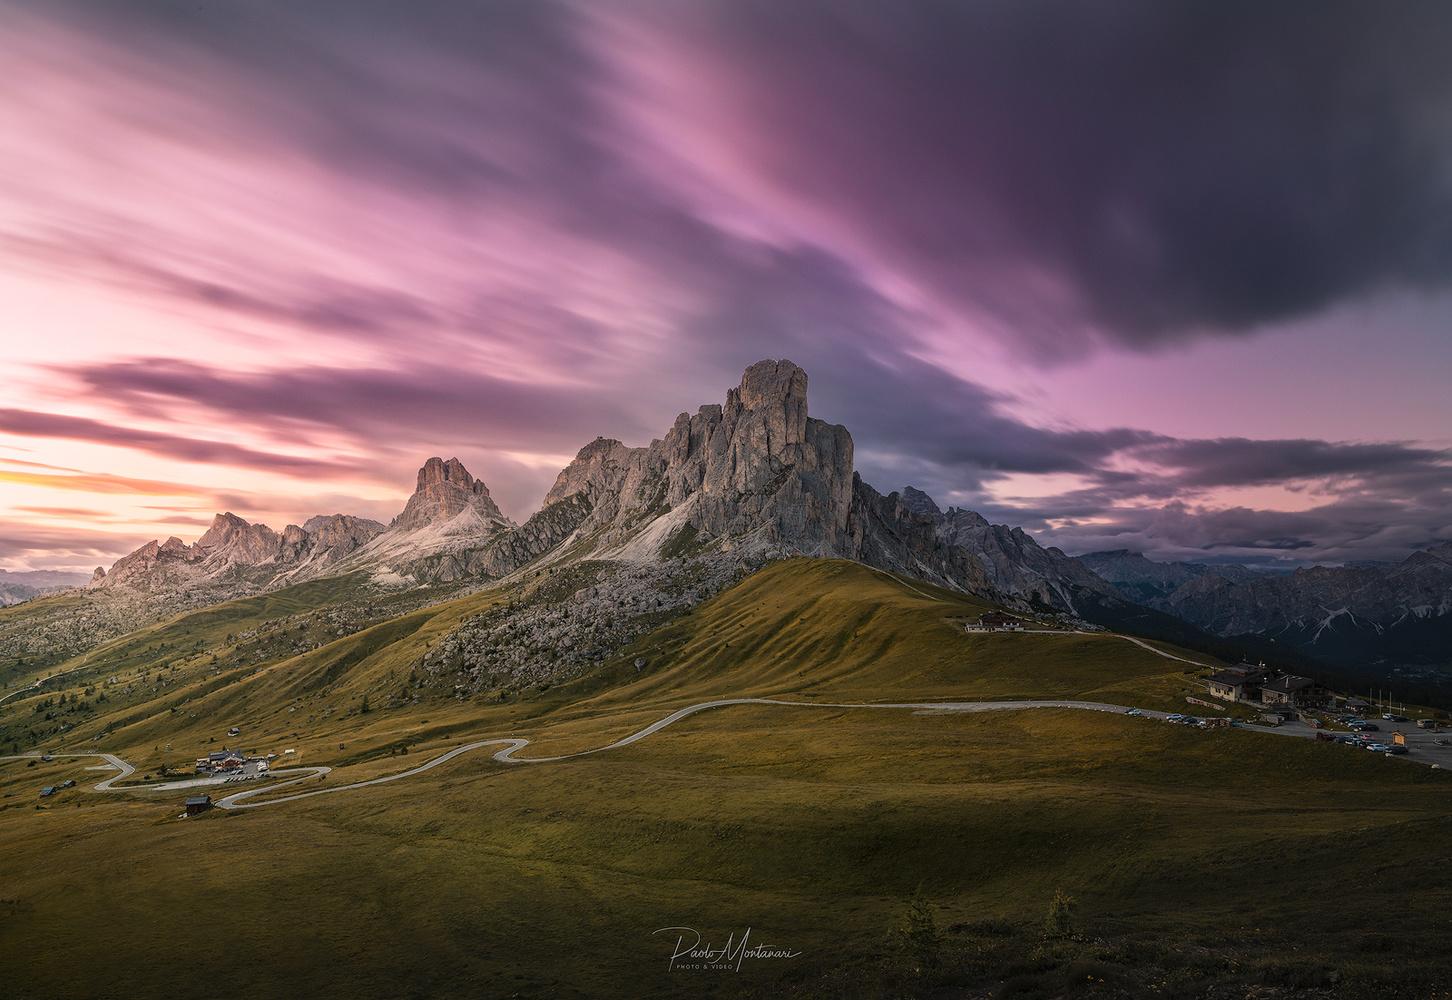 Sunset at Giau Pass by Paolo Montanari